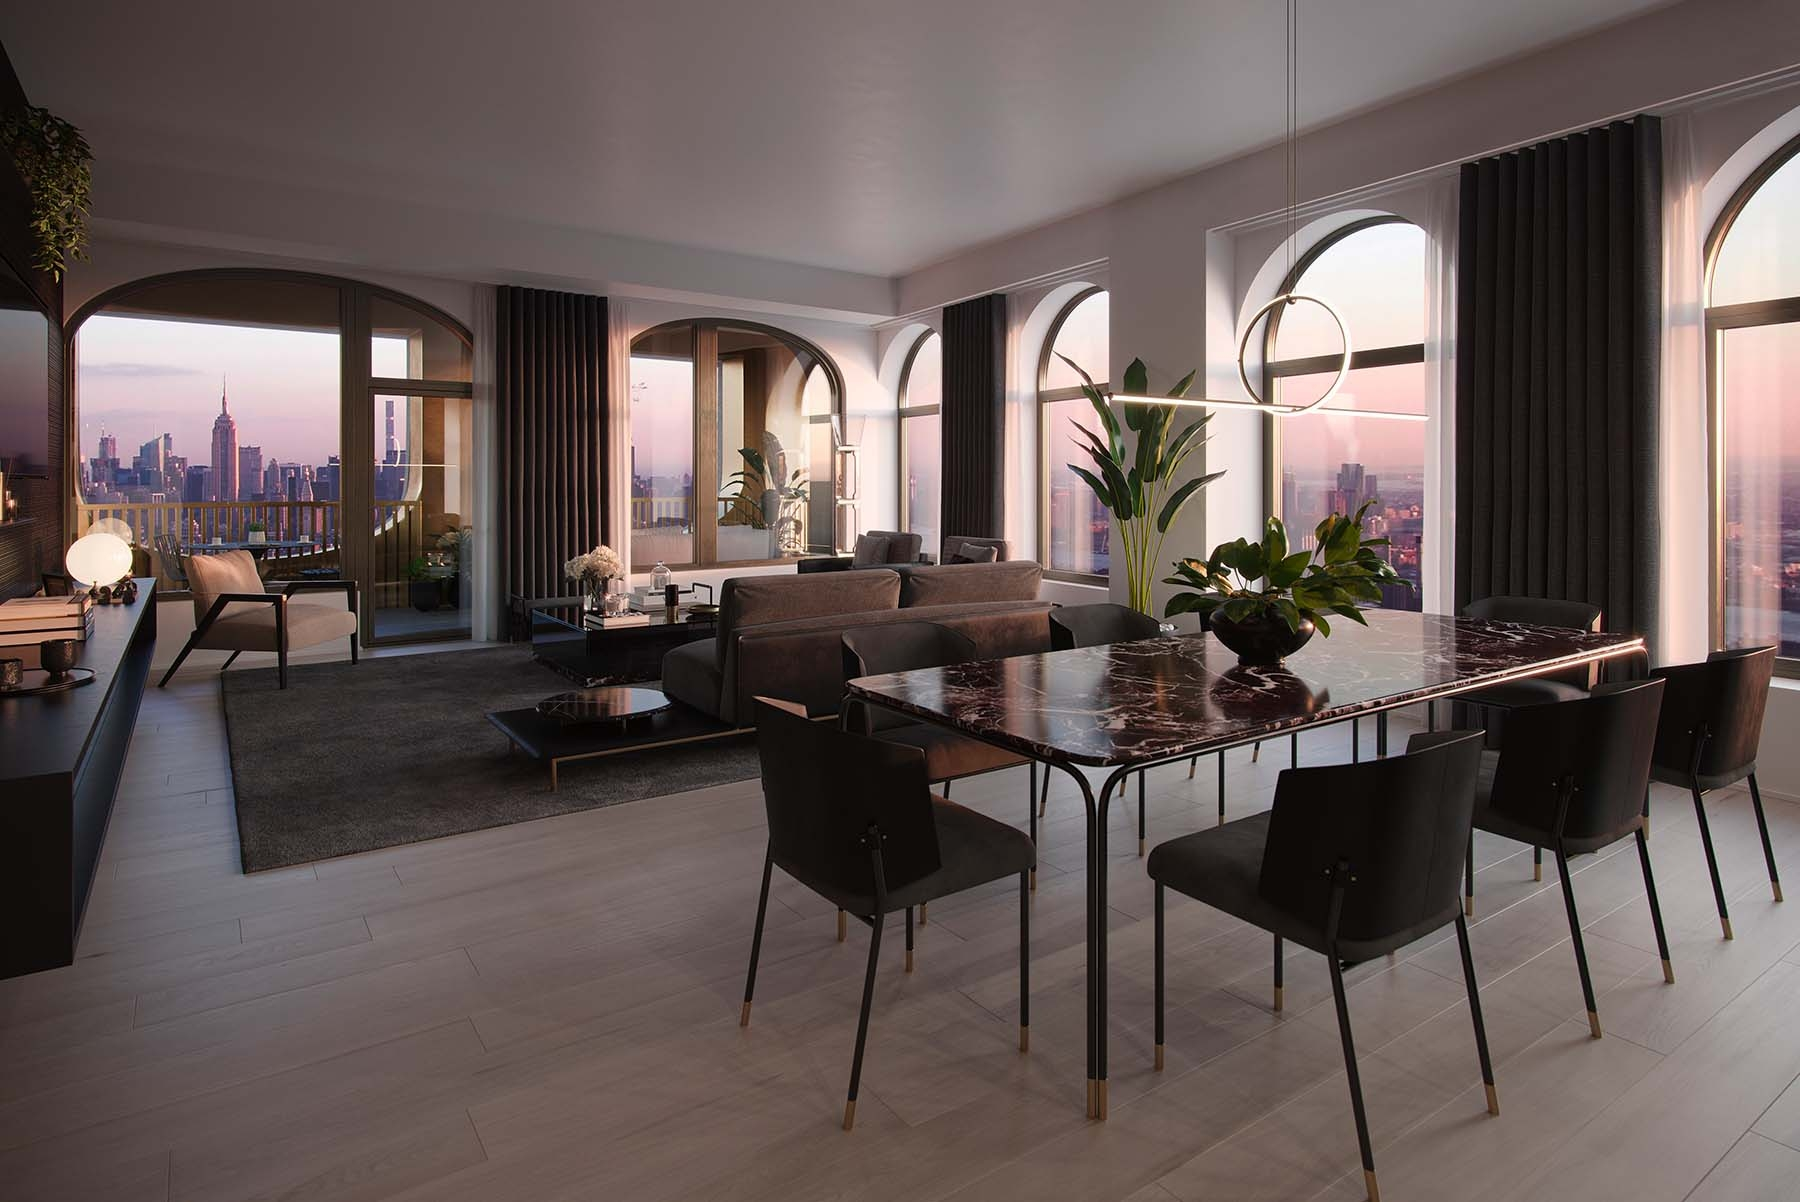 El comedor y la sala de estar cuentan con muebles de la colección Aston Martin Home de Formitalia.